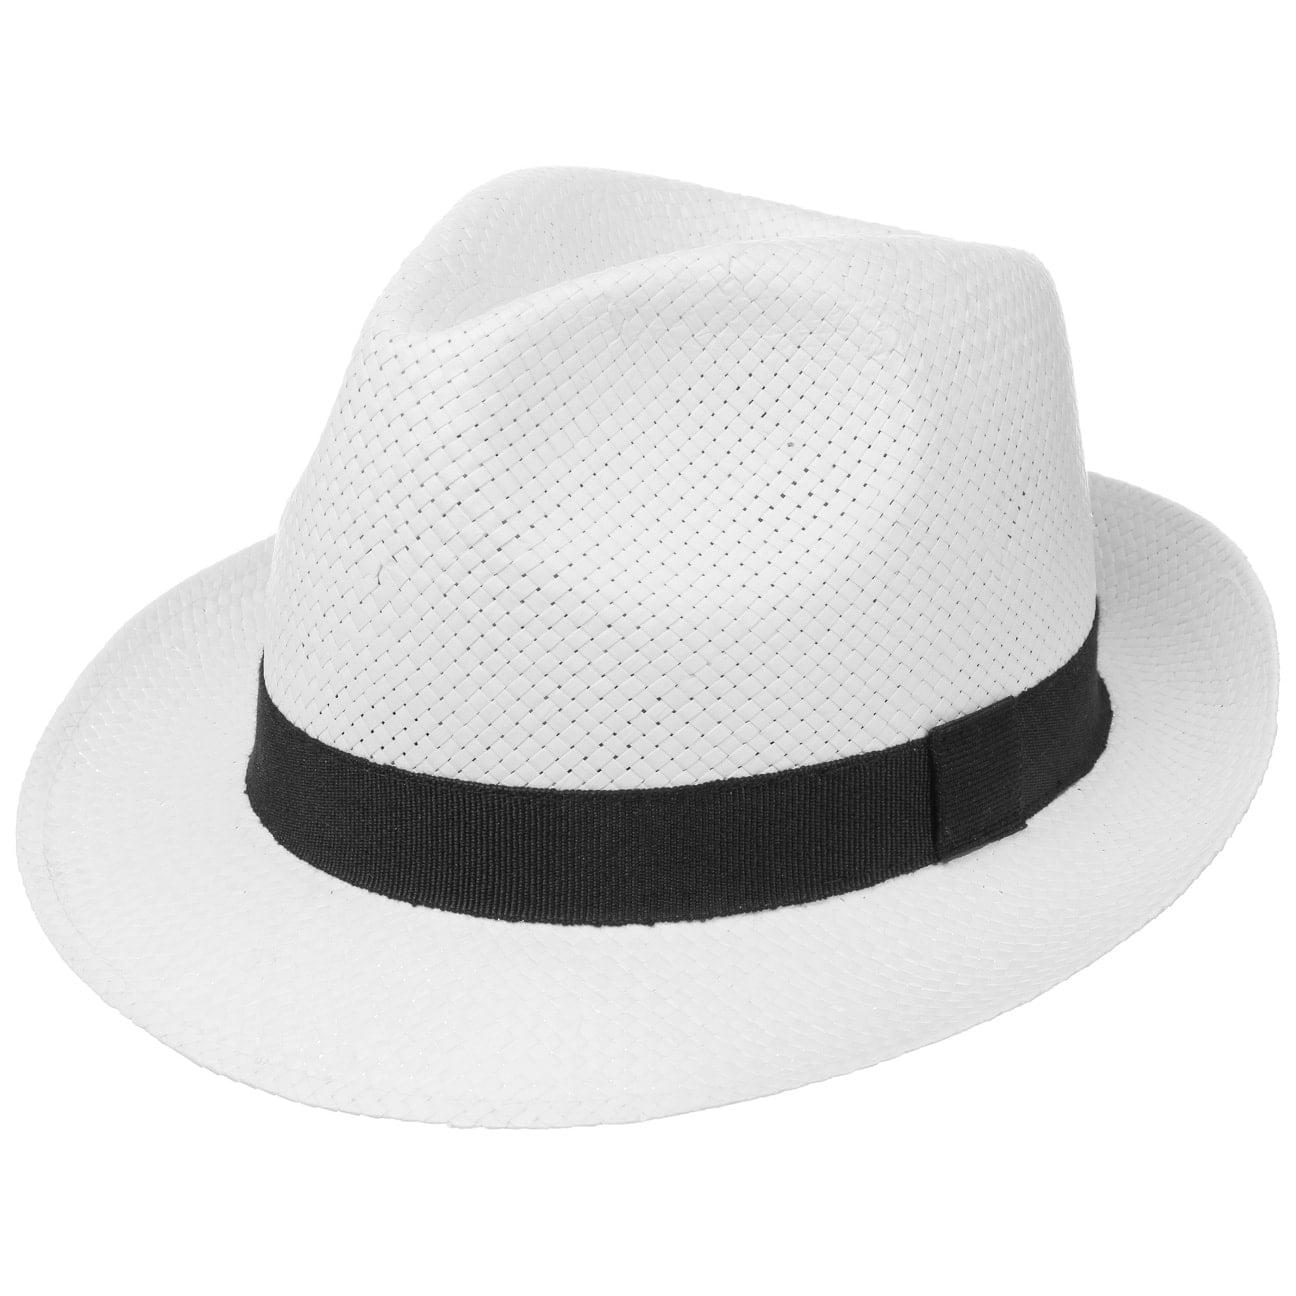 Chapeau White City Trilby by Lipodo  chapeau d`été